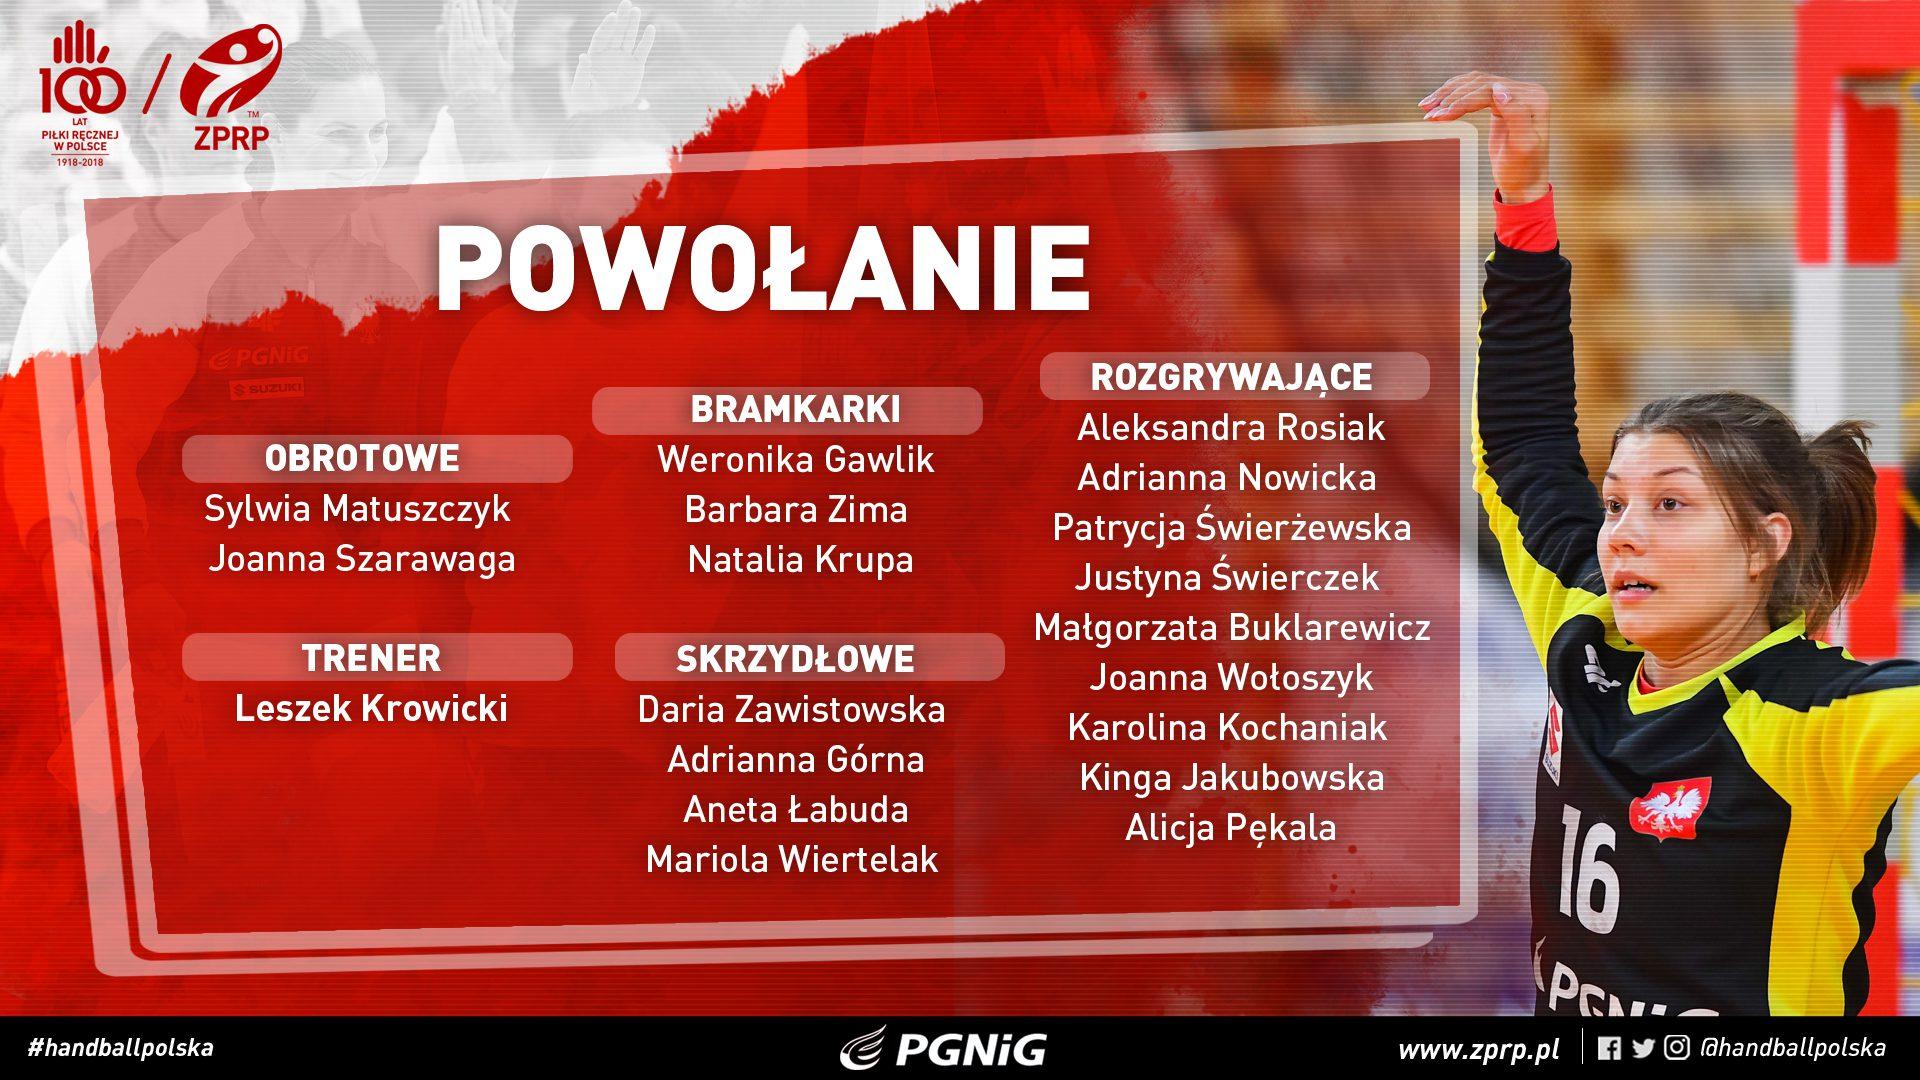 powolanie konsultacja Piotrków (24-26.02.19) tt